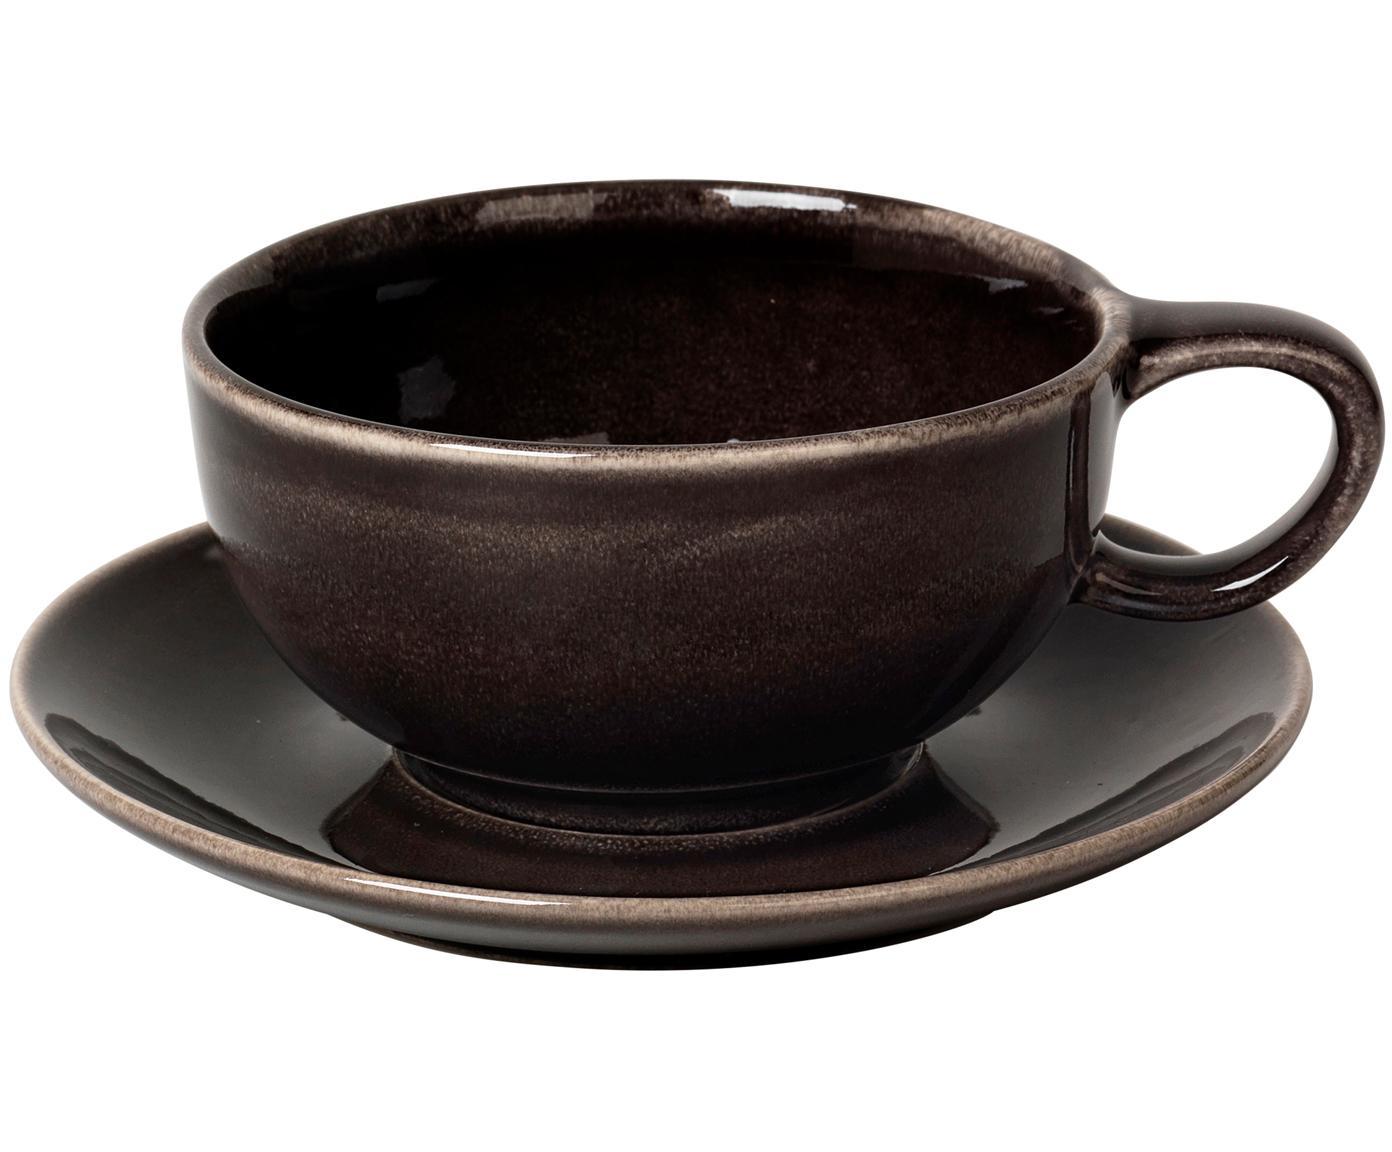 Handgemaakt kopje Nordic Coal, Keramiek, Bruin, Ø 11 x H 5 cm